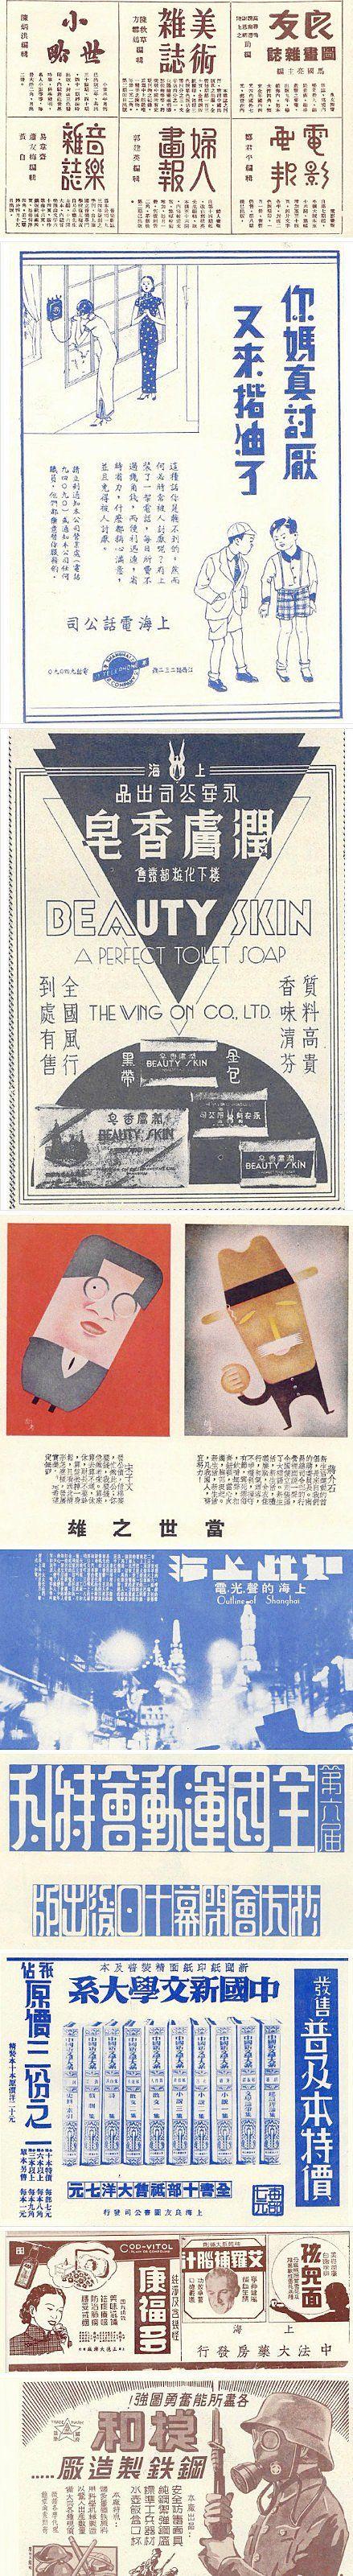 1912-1949 / China Graphic Design